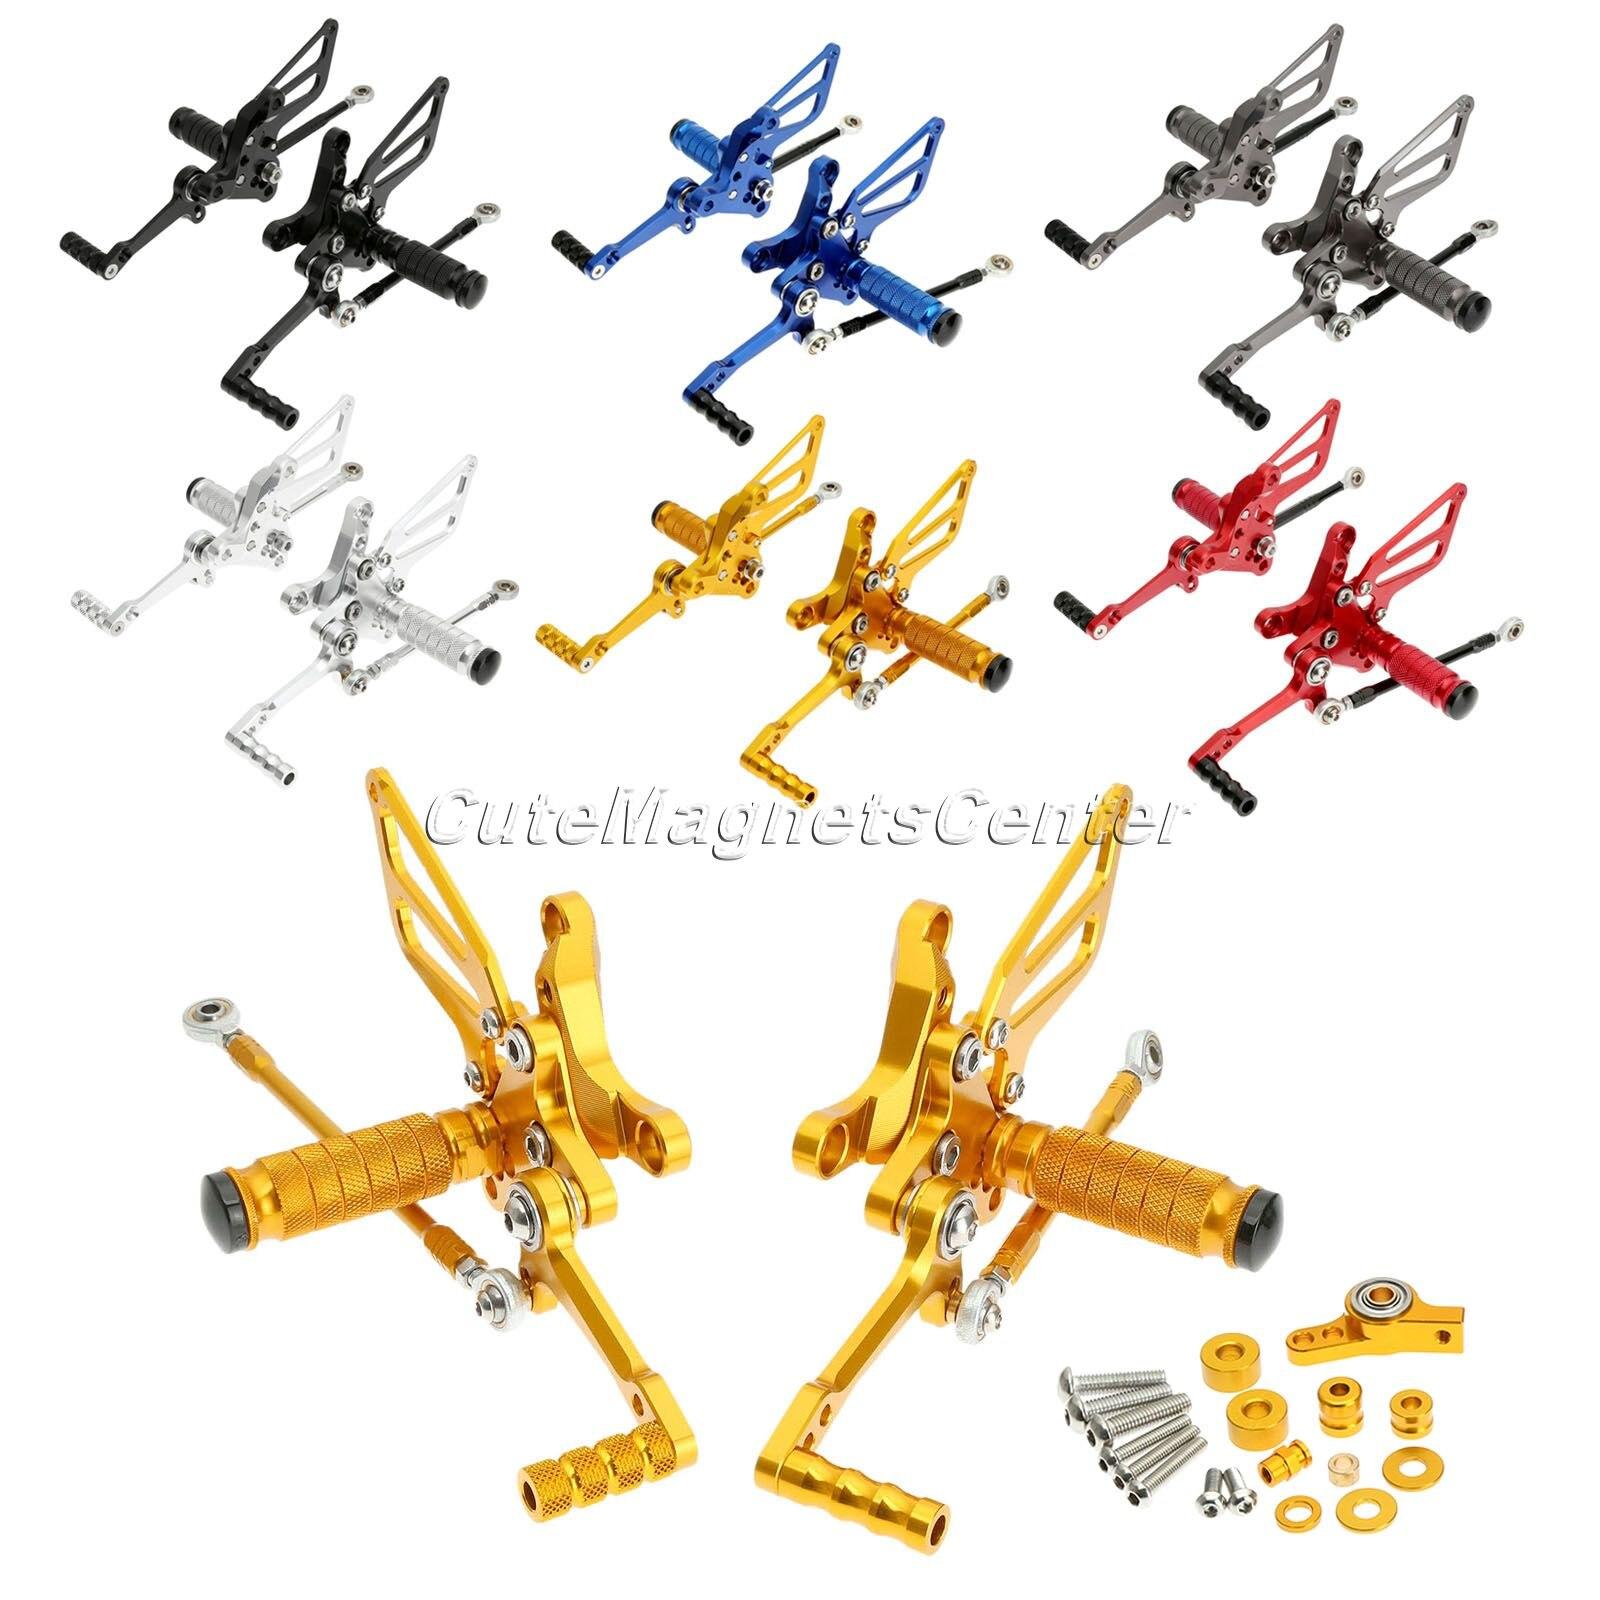 Reposapiés traseros ajustables CNC para motocicleta, 1 juego/Color, reposapiés para Ducati 848 1098 1098R S 1198, todos los años, clavijas de pie para motocicleta